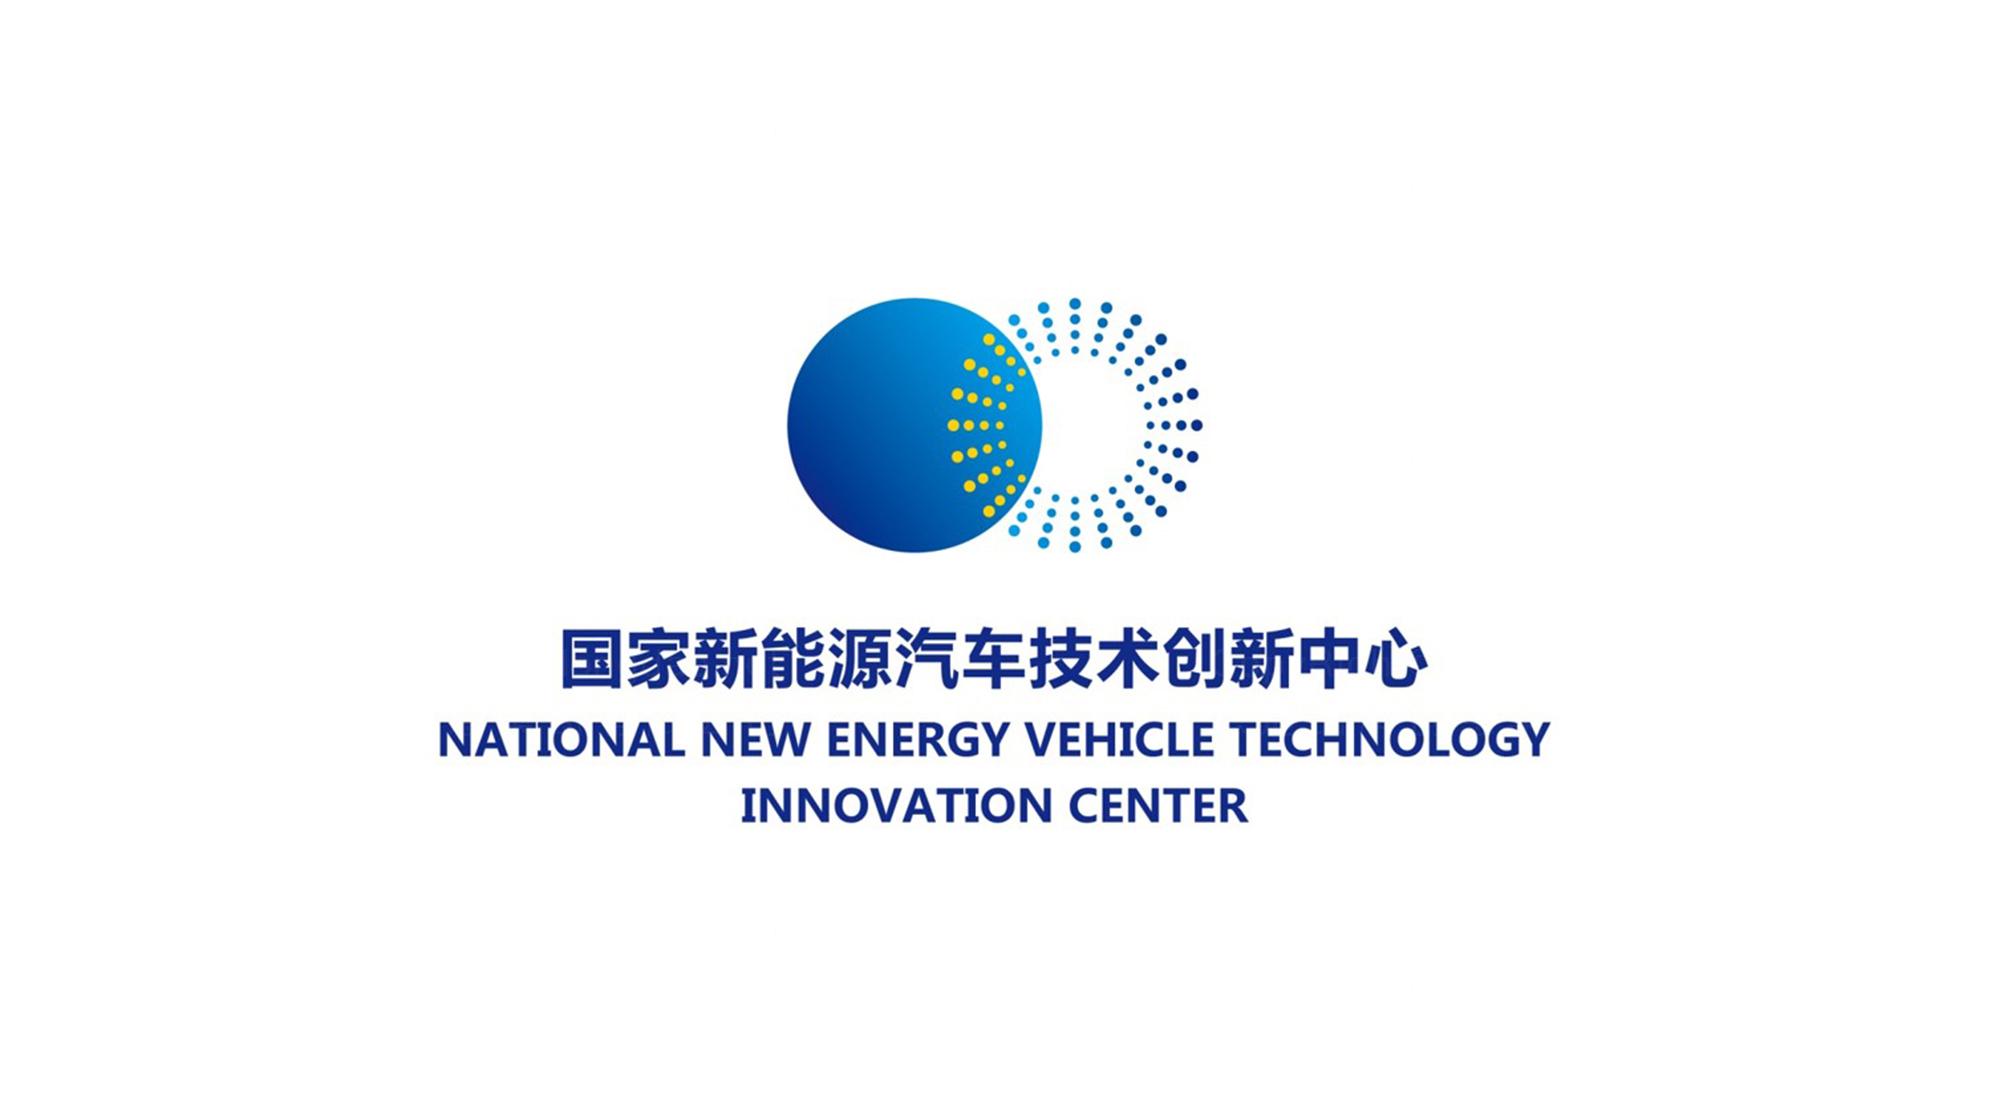 品牌设计国家新能源汽车技术创新中心标志设计应用